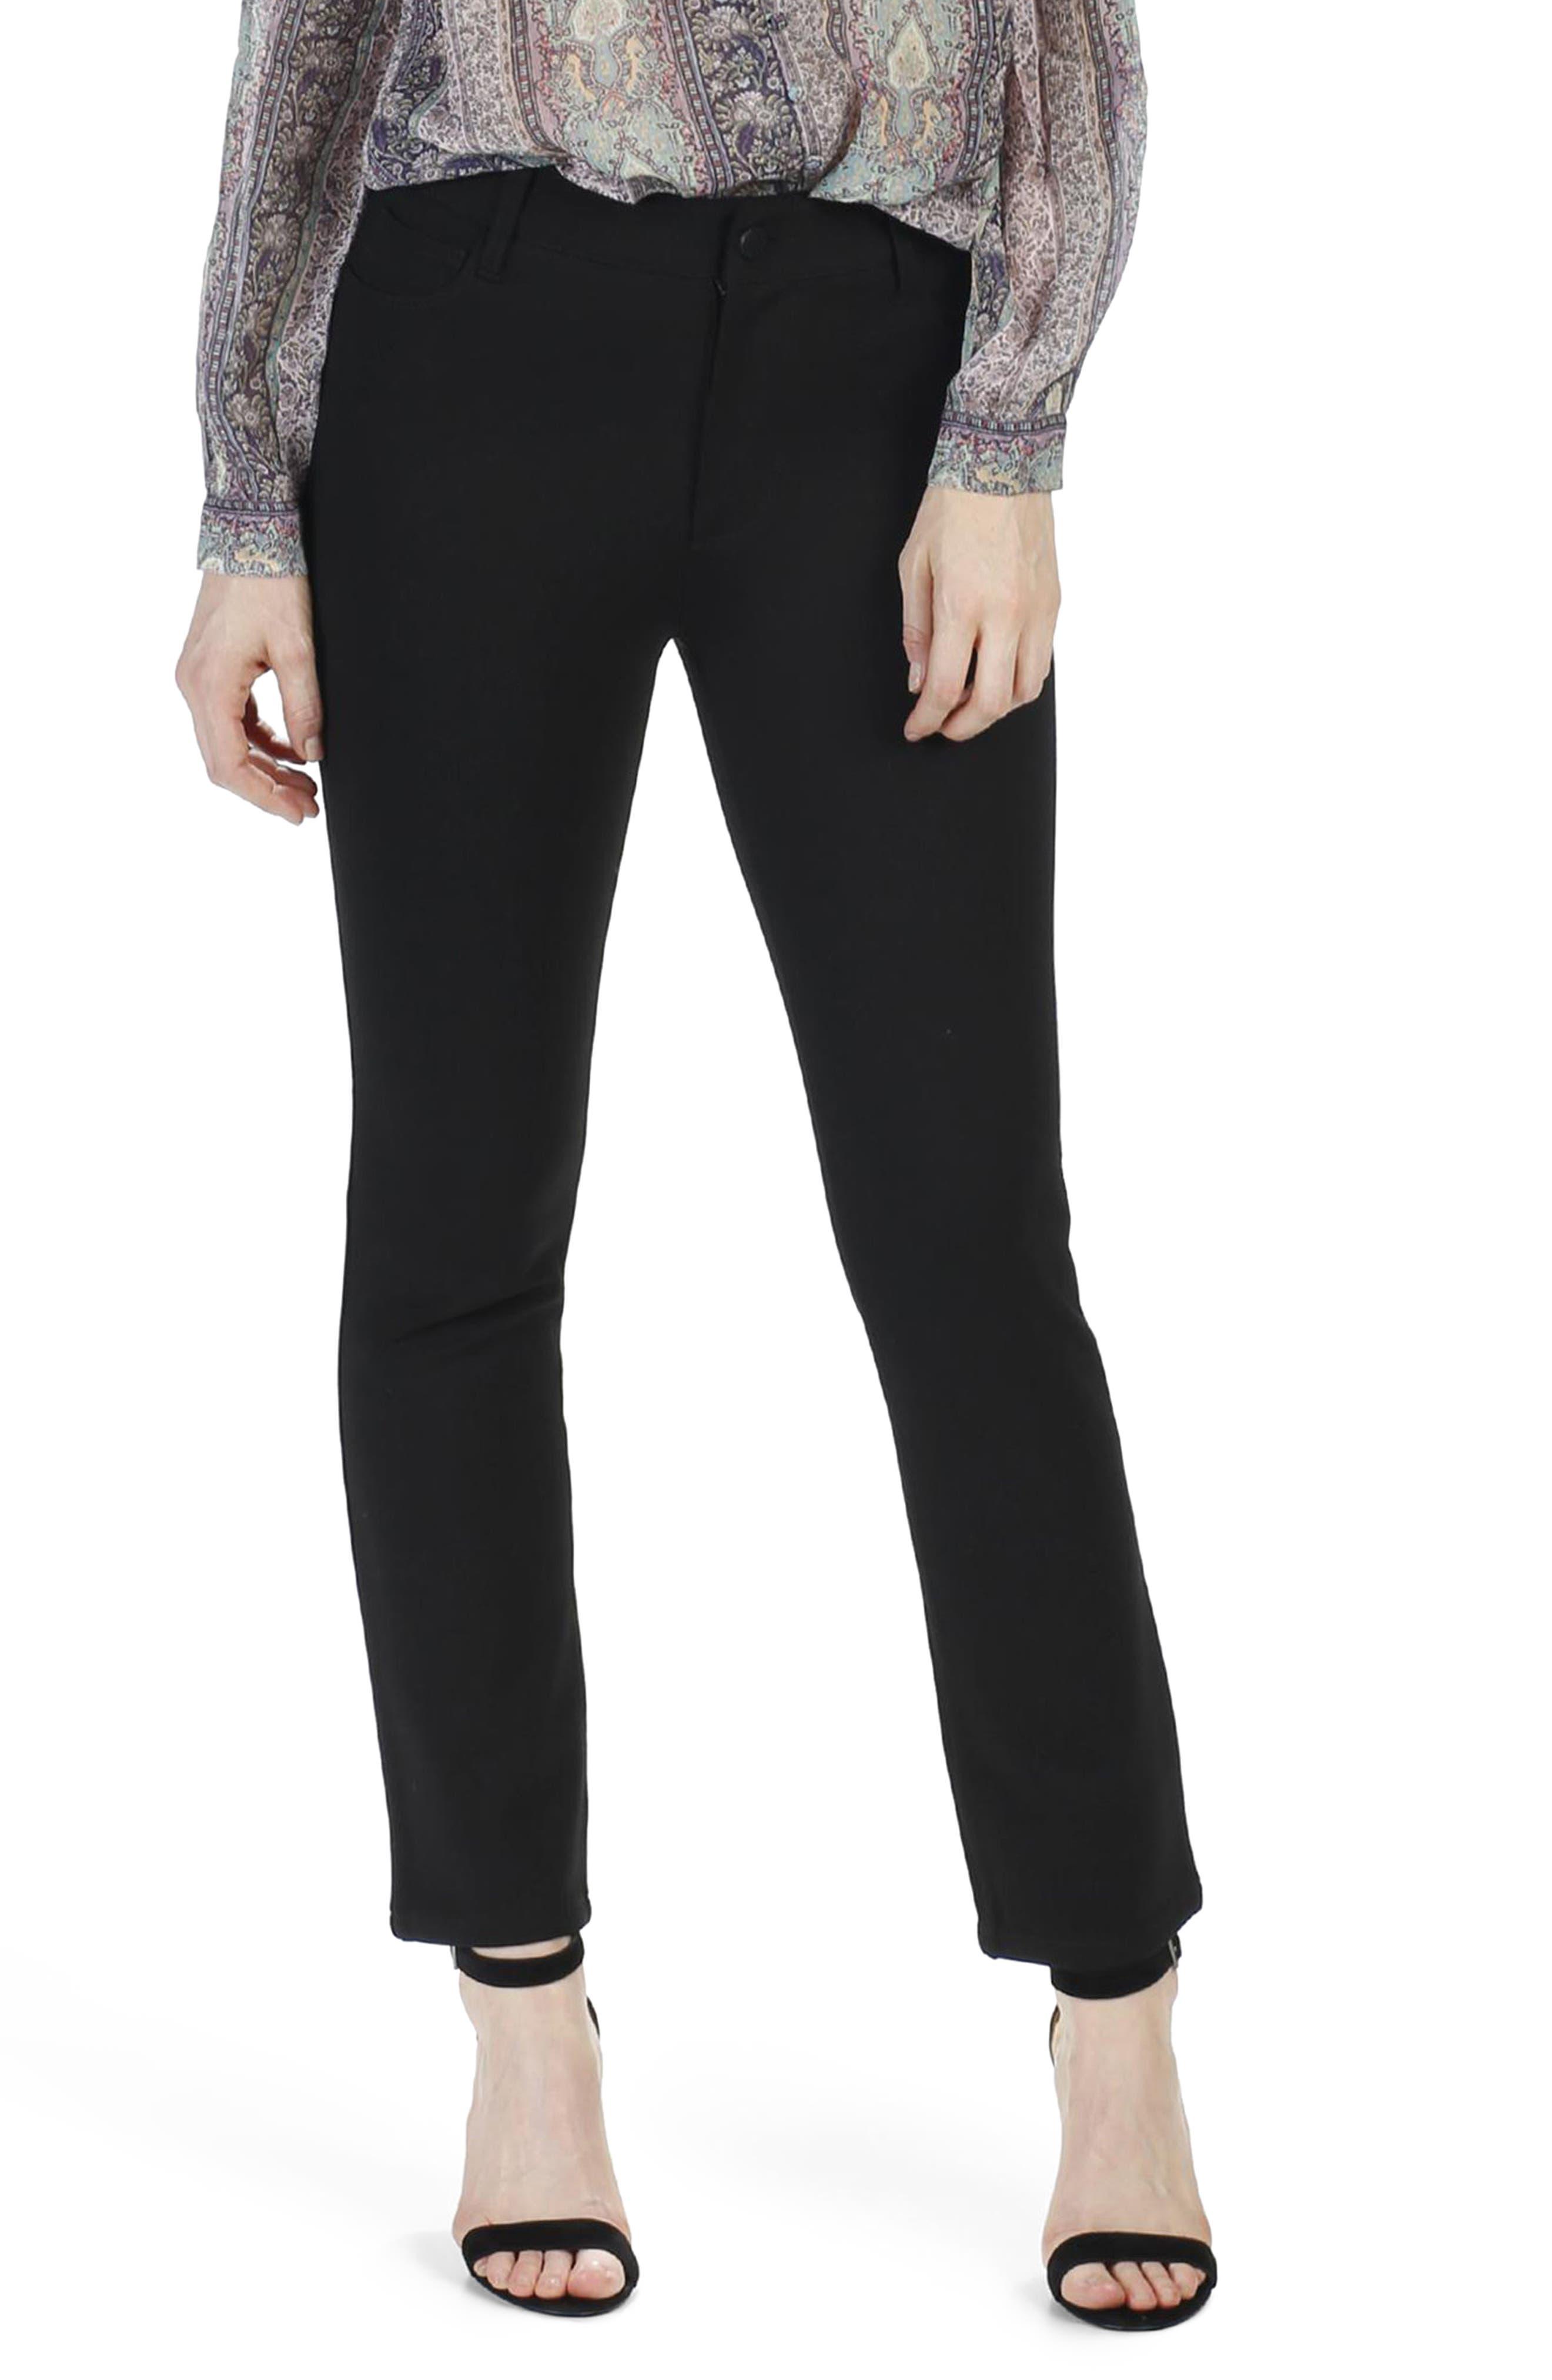 Jacqueline High Waist Crop Straight Leg Pants,                         Main,                         color, Black